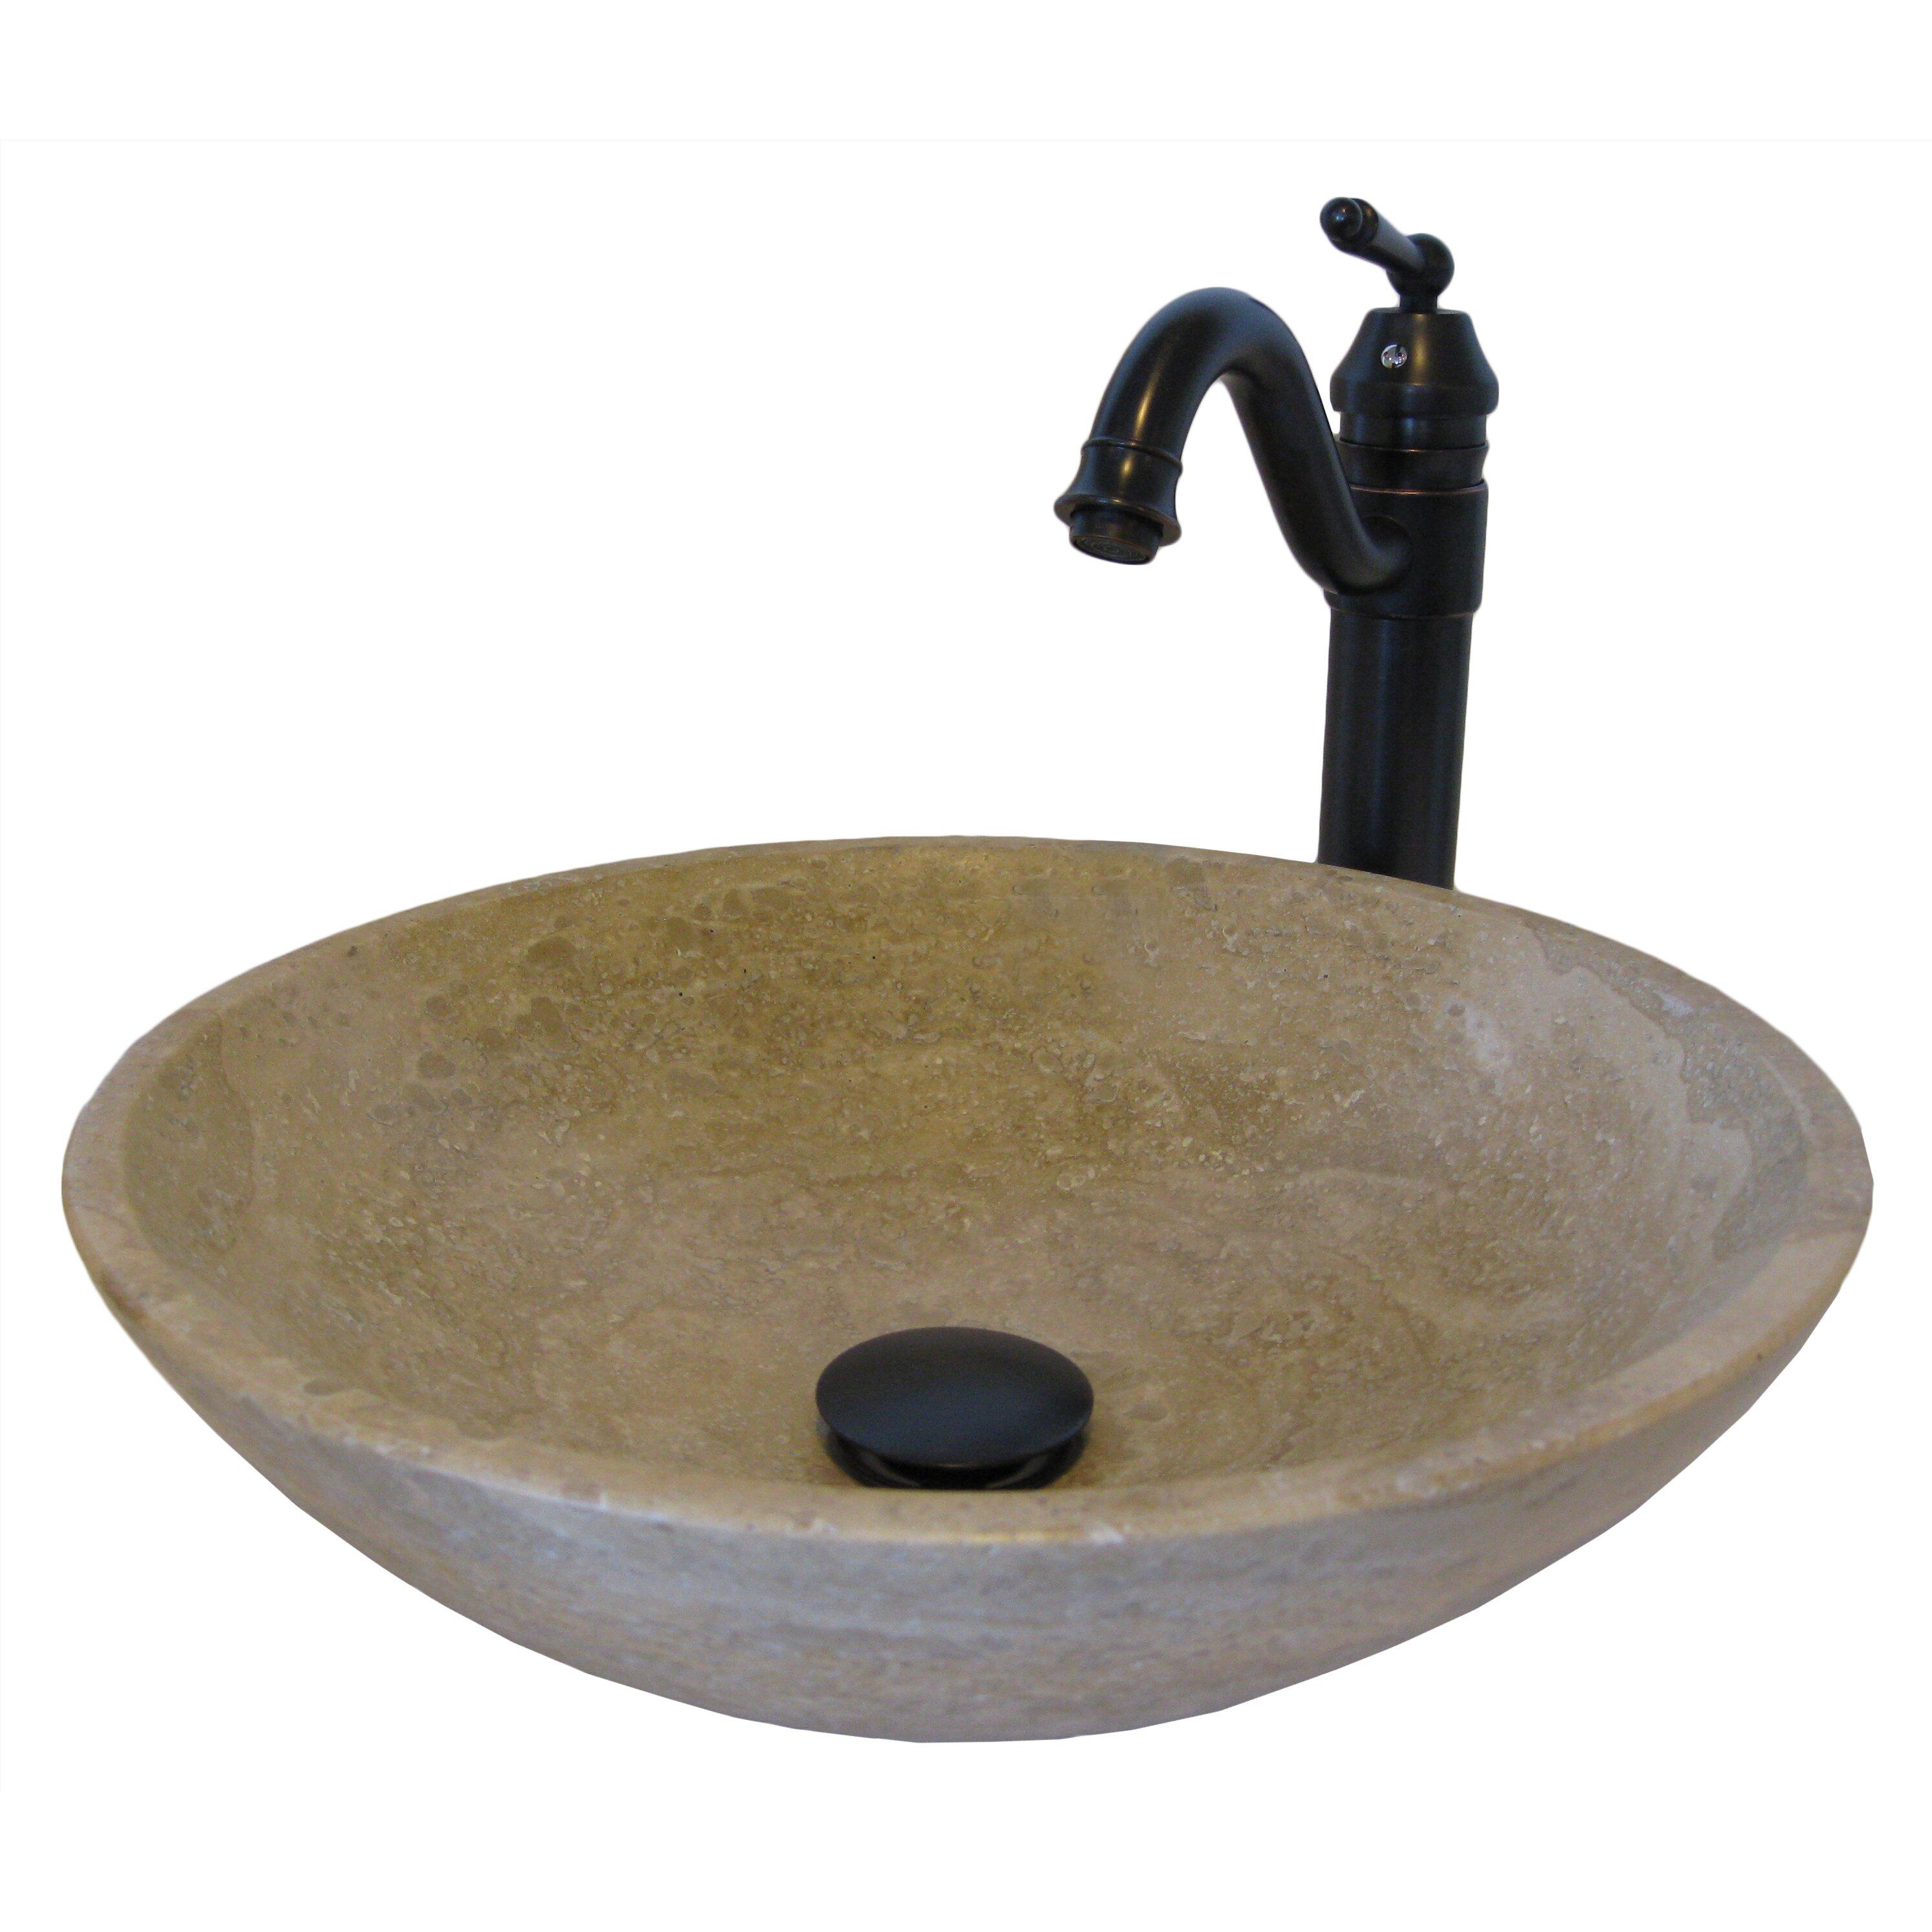 novatto beige travertine stone vessel bathroom sink set wayfair